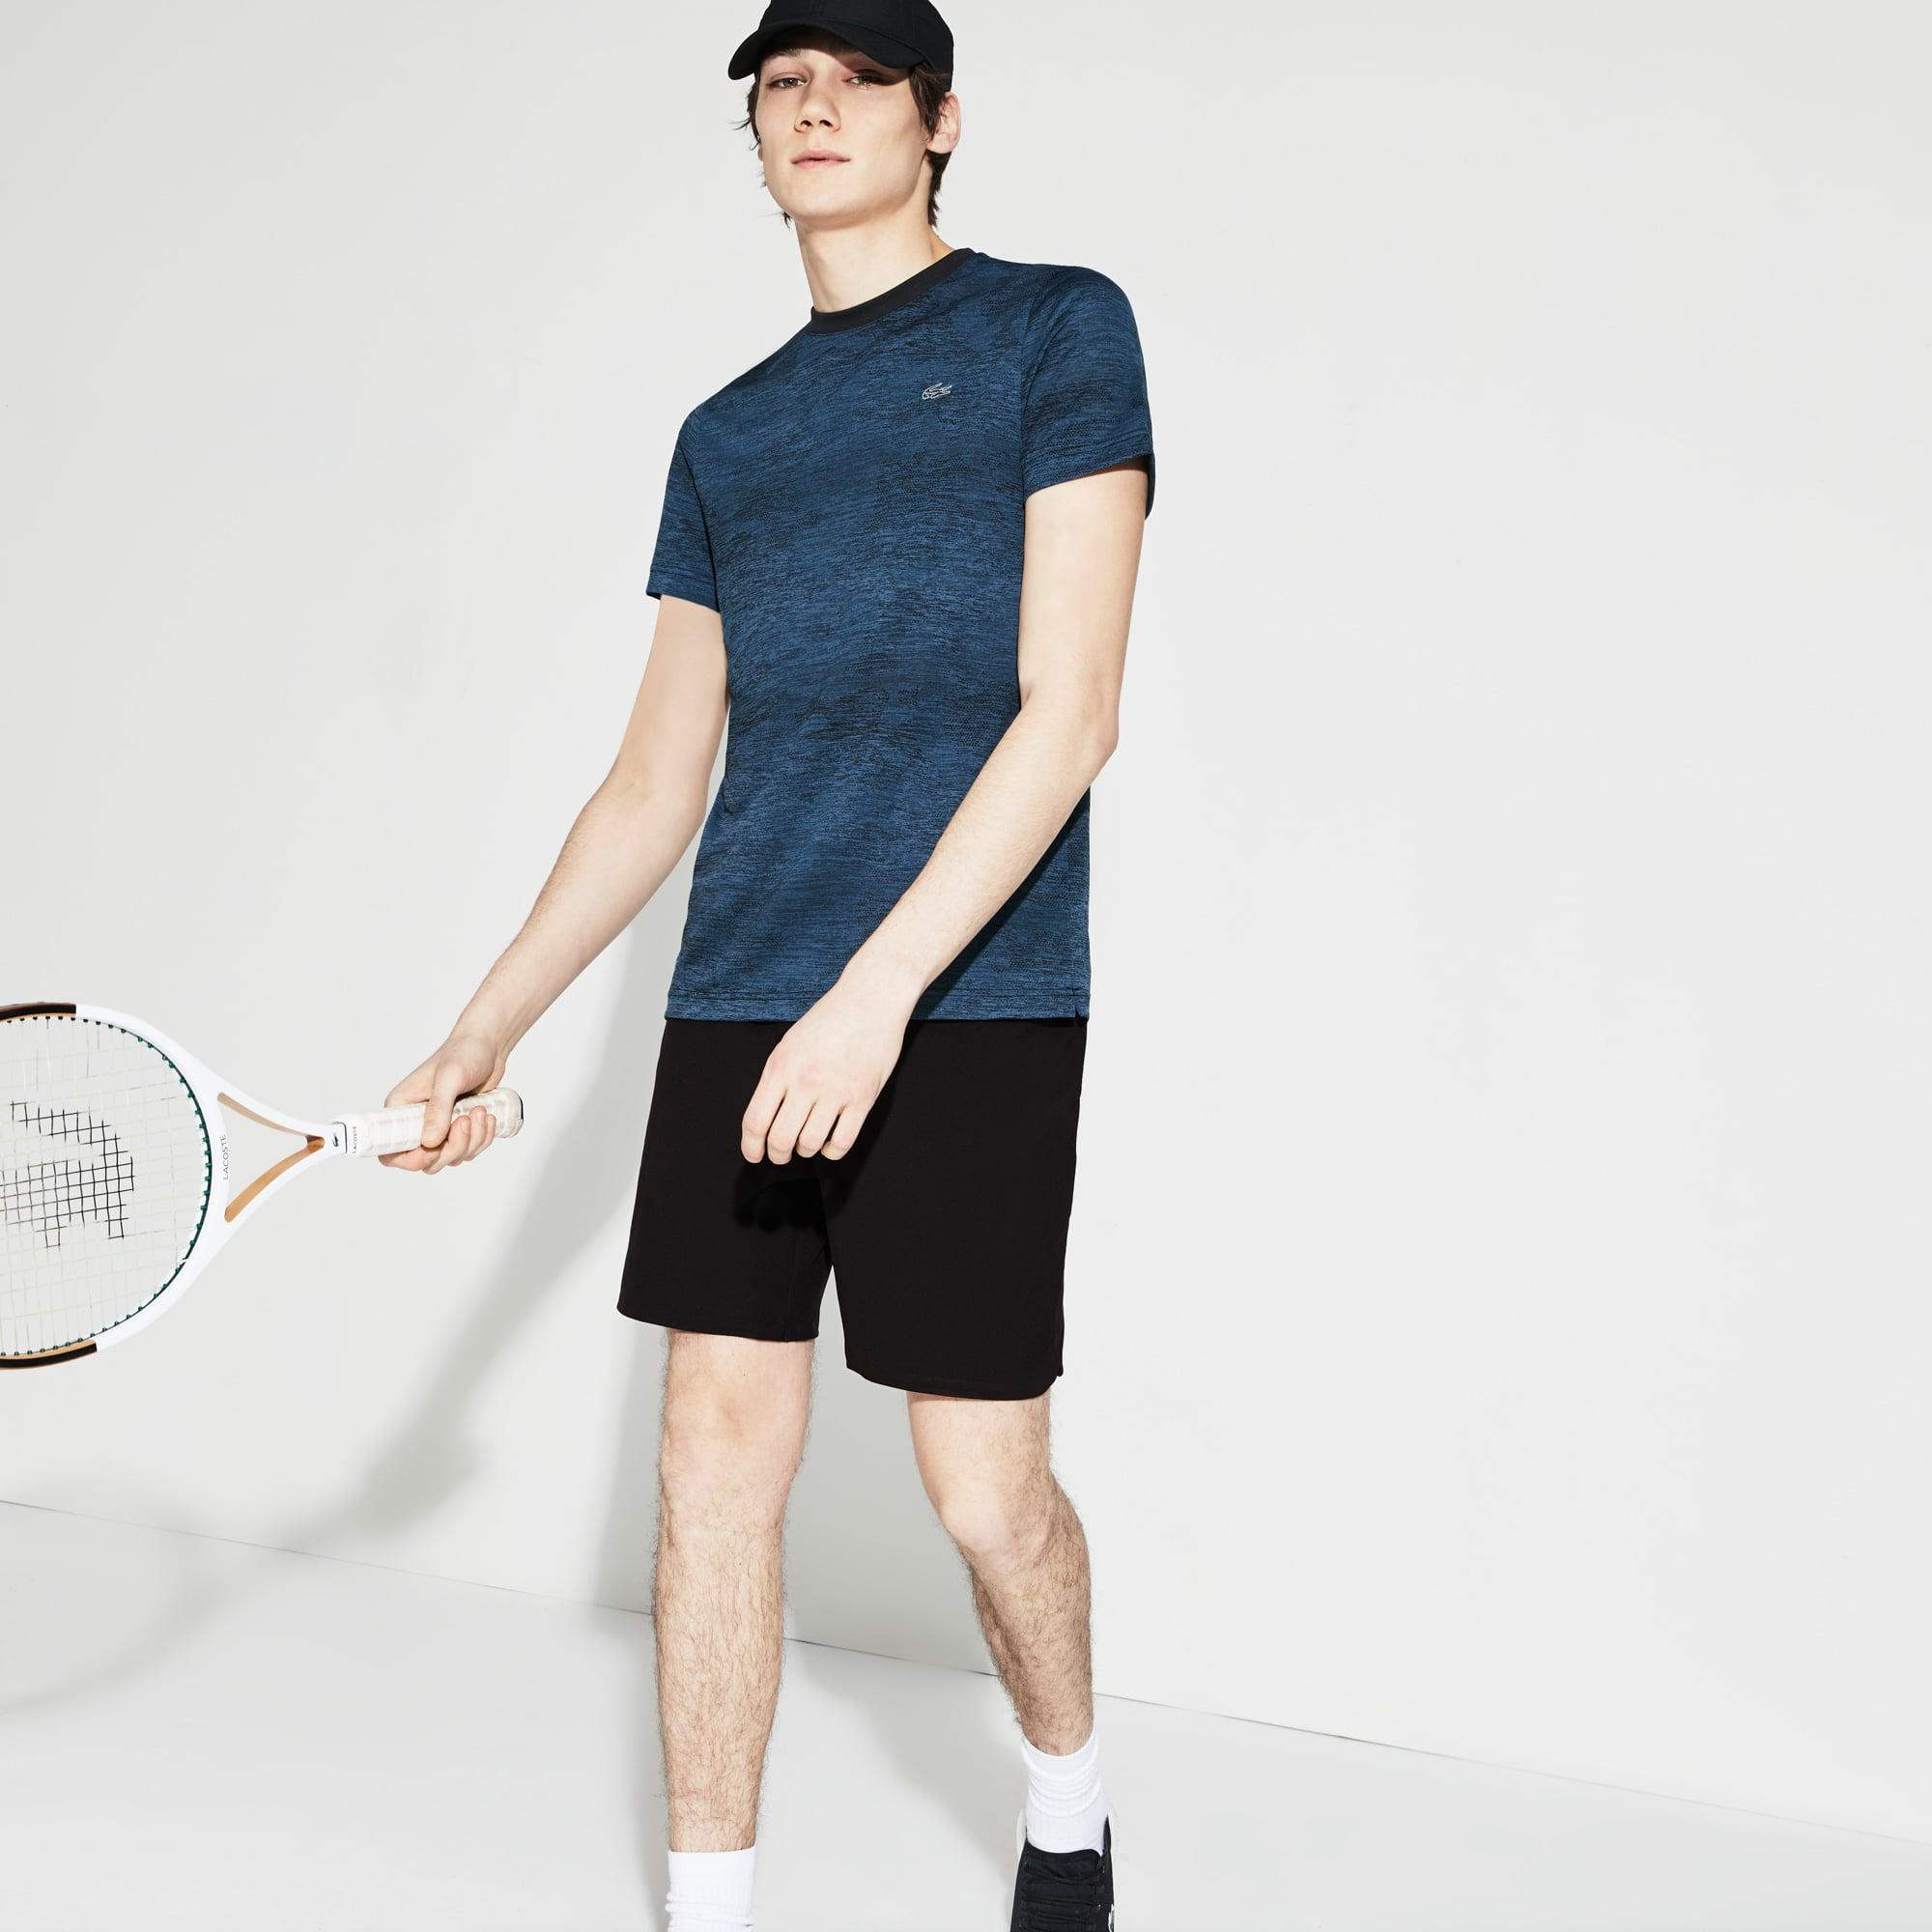 Men's Lacoste SPORT Technical Tennis Shorts